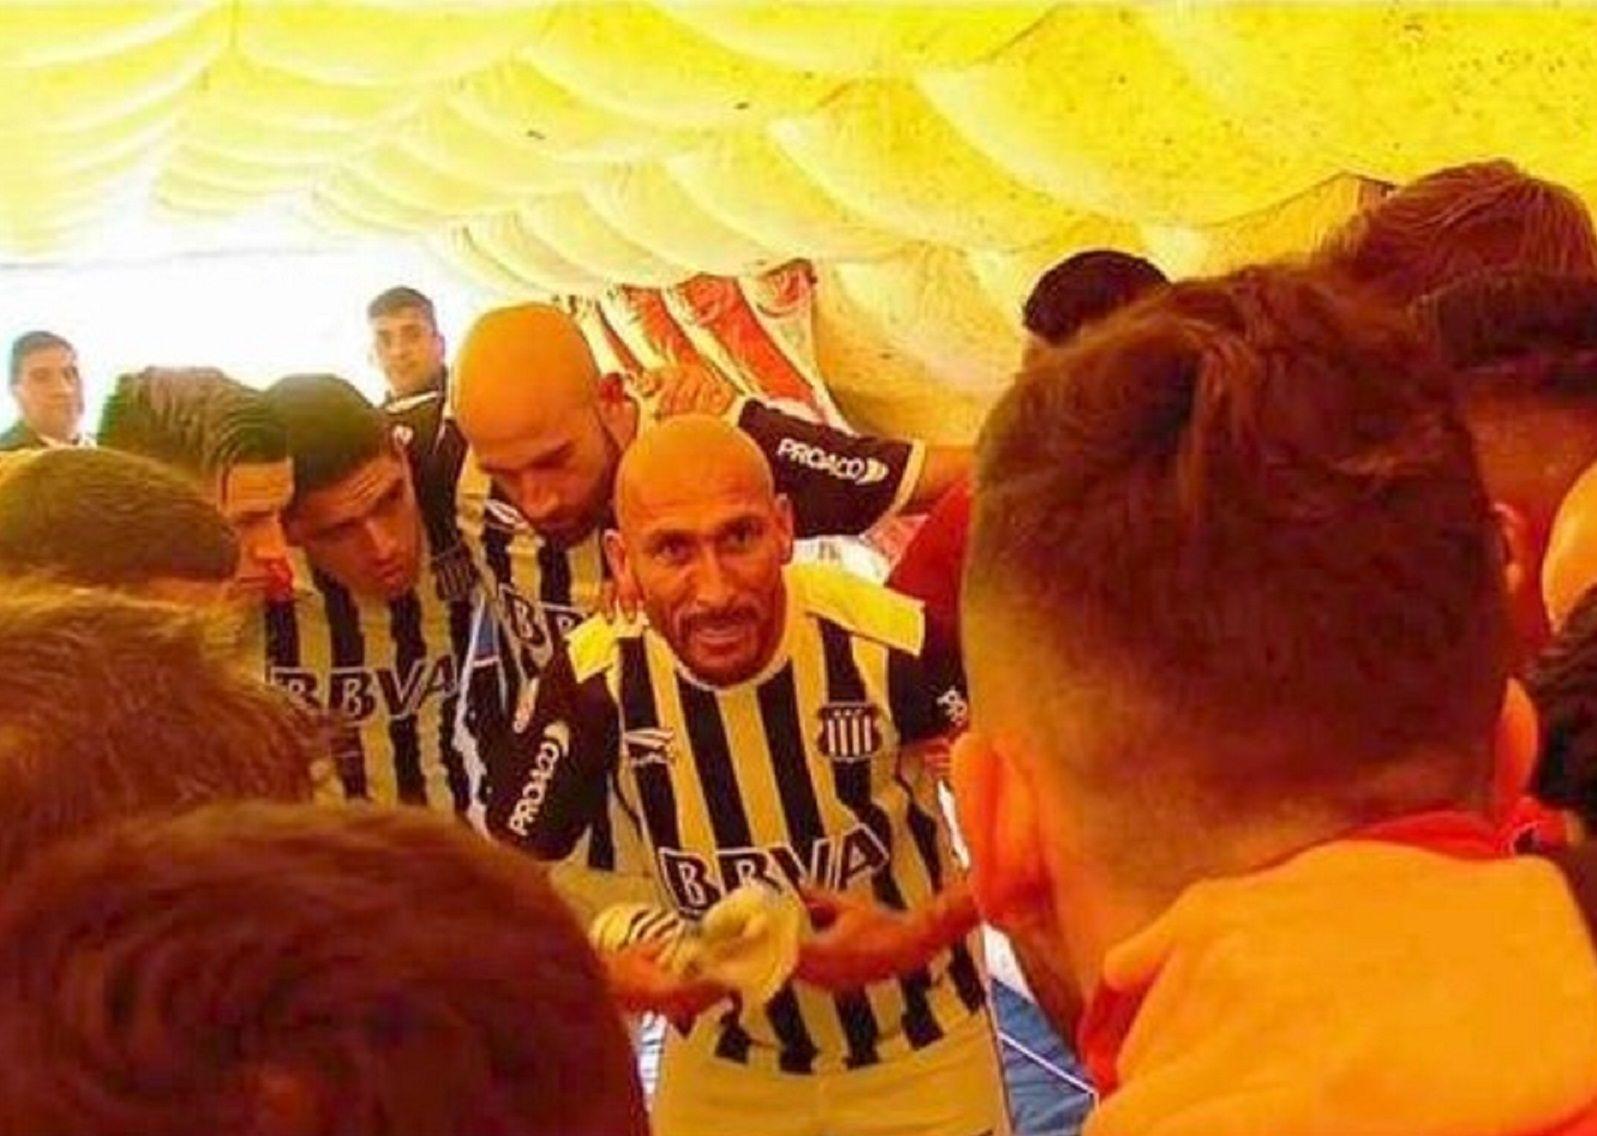 Hay que tener huevitos para jugar al fútbol: la arenga del Cholo Guiñazú en la Bombonera